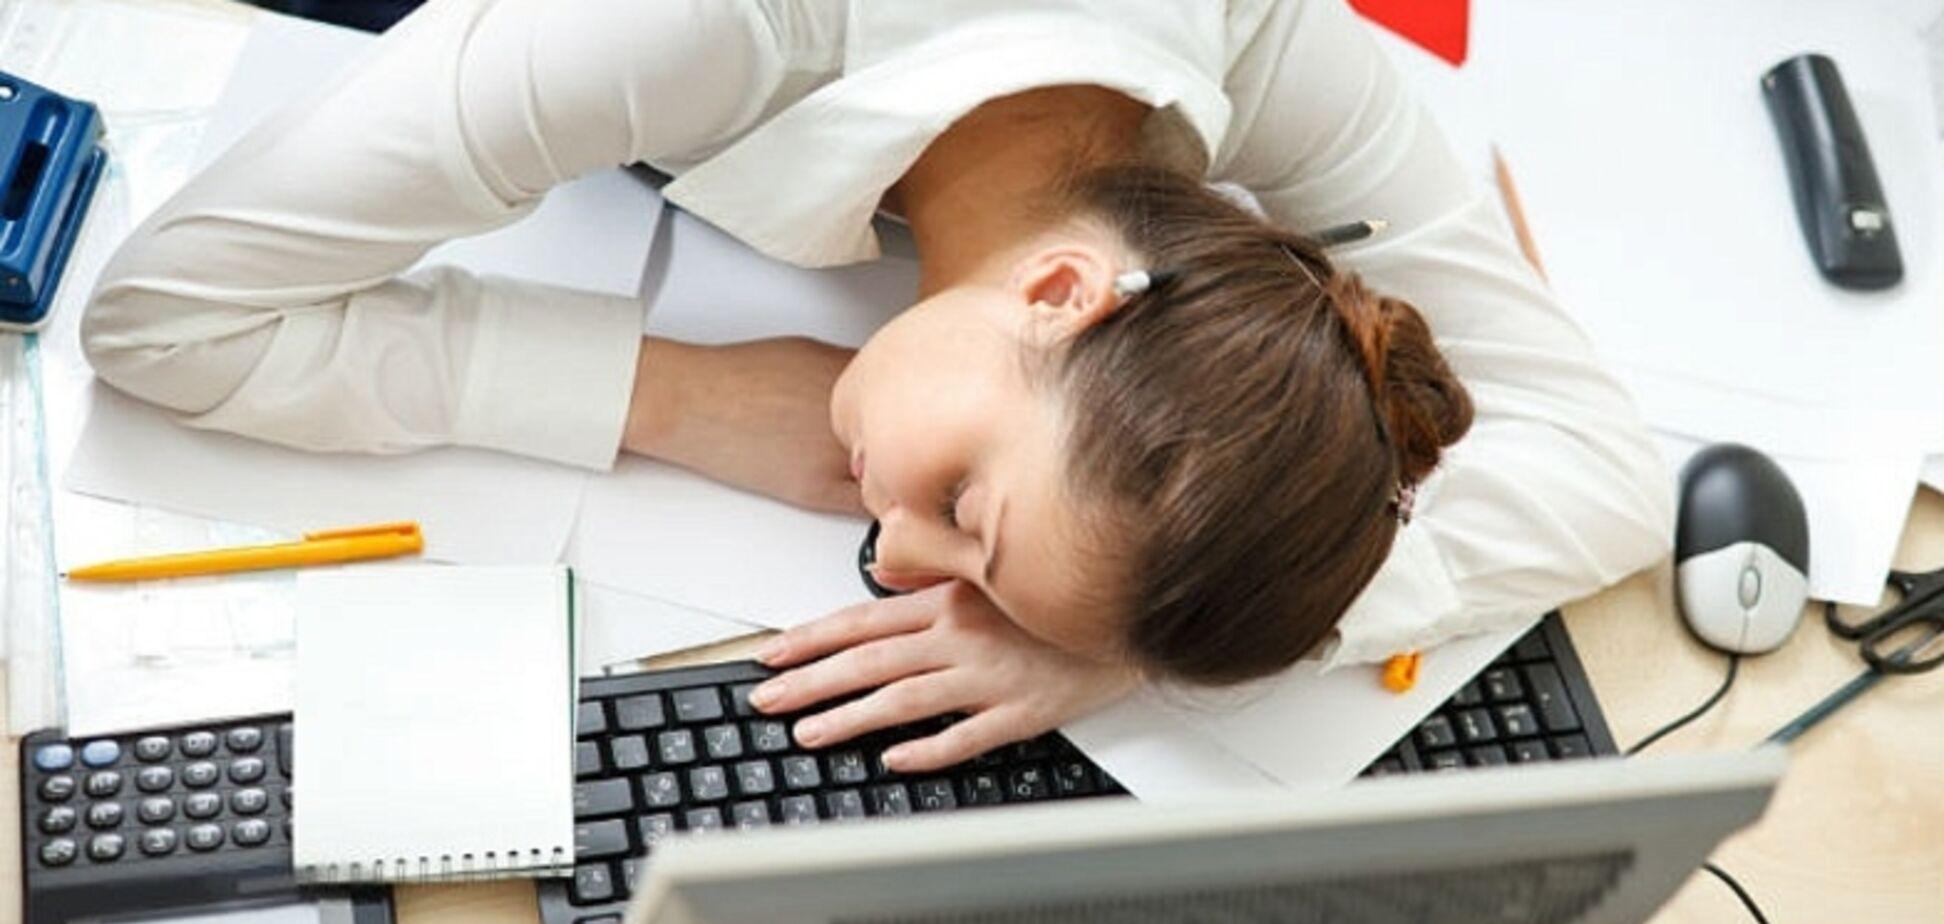 Как быстро снять усталость и восстановить энергию